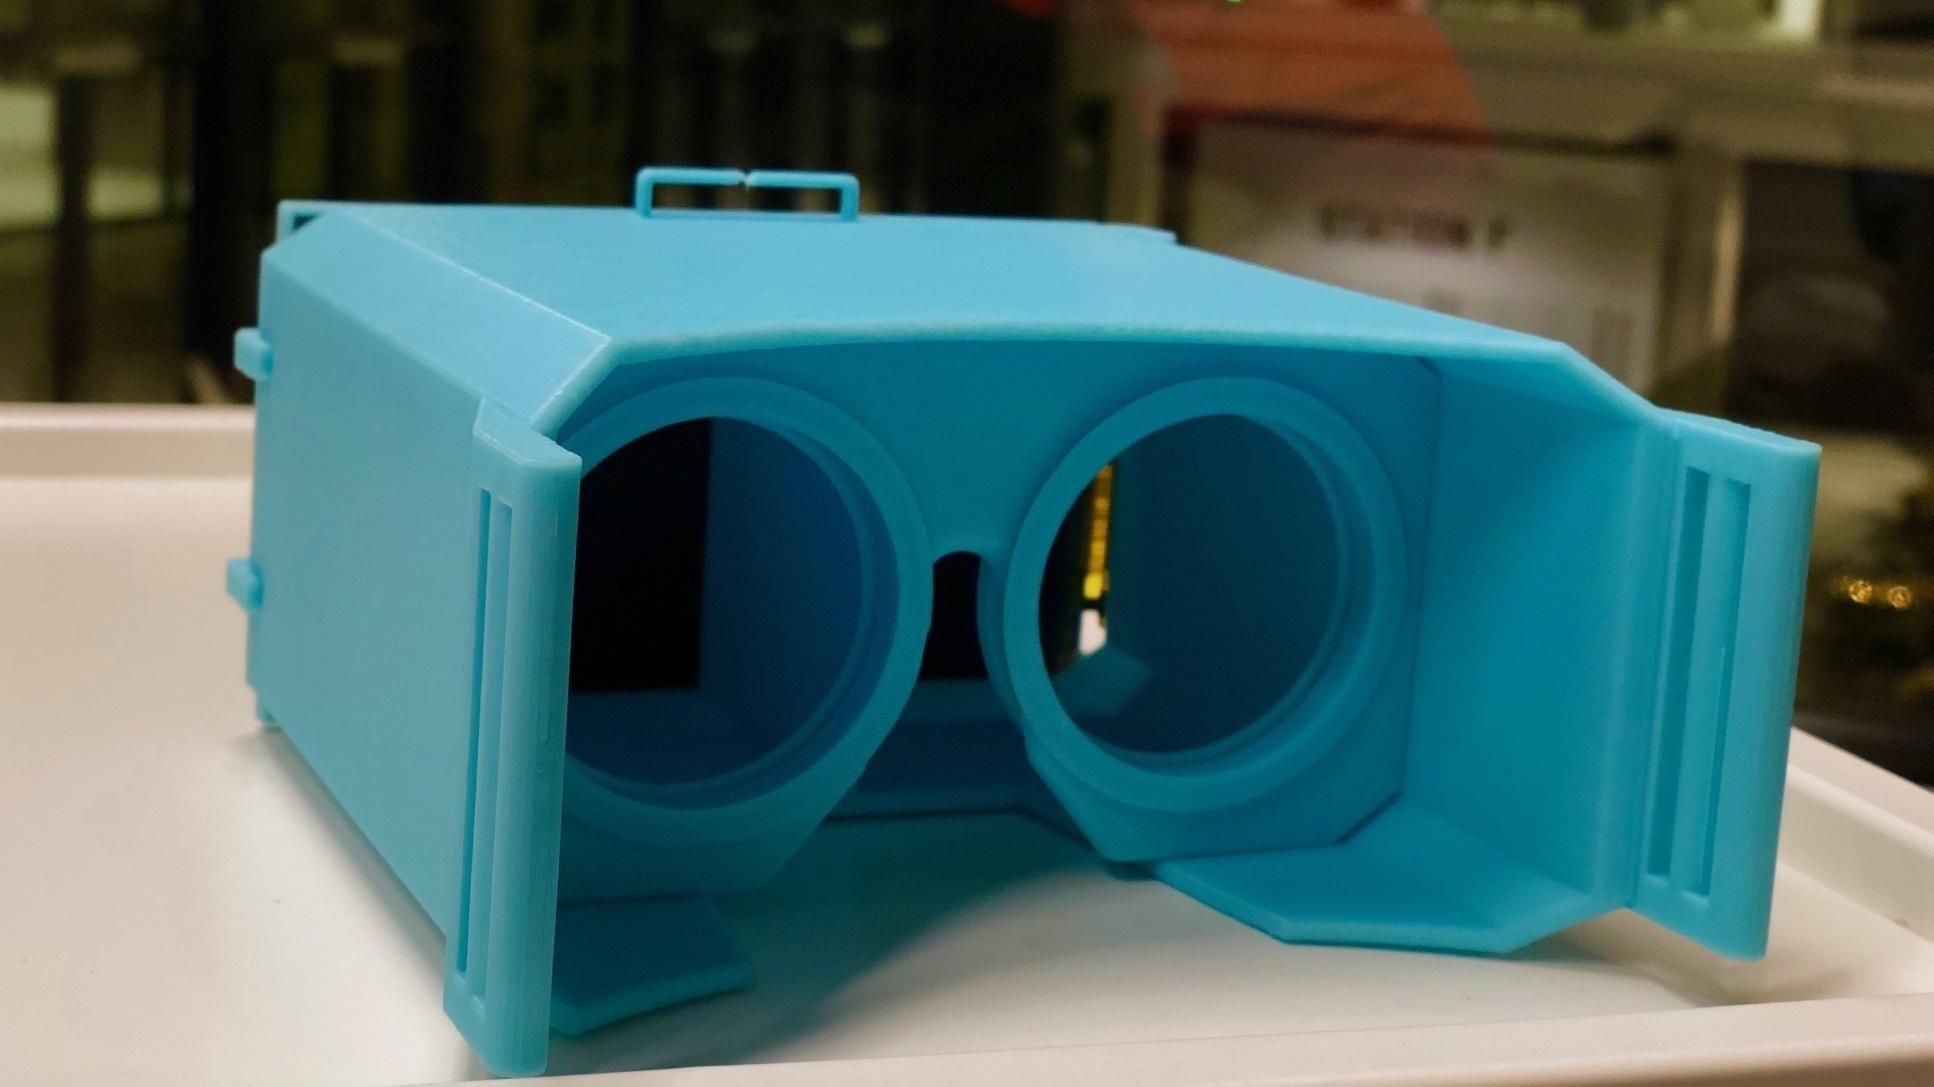 Eine grüne 3D-Brille aus dem 3D-Drucker